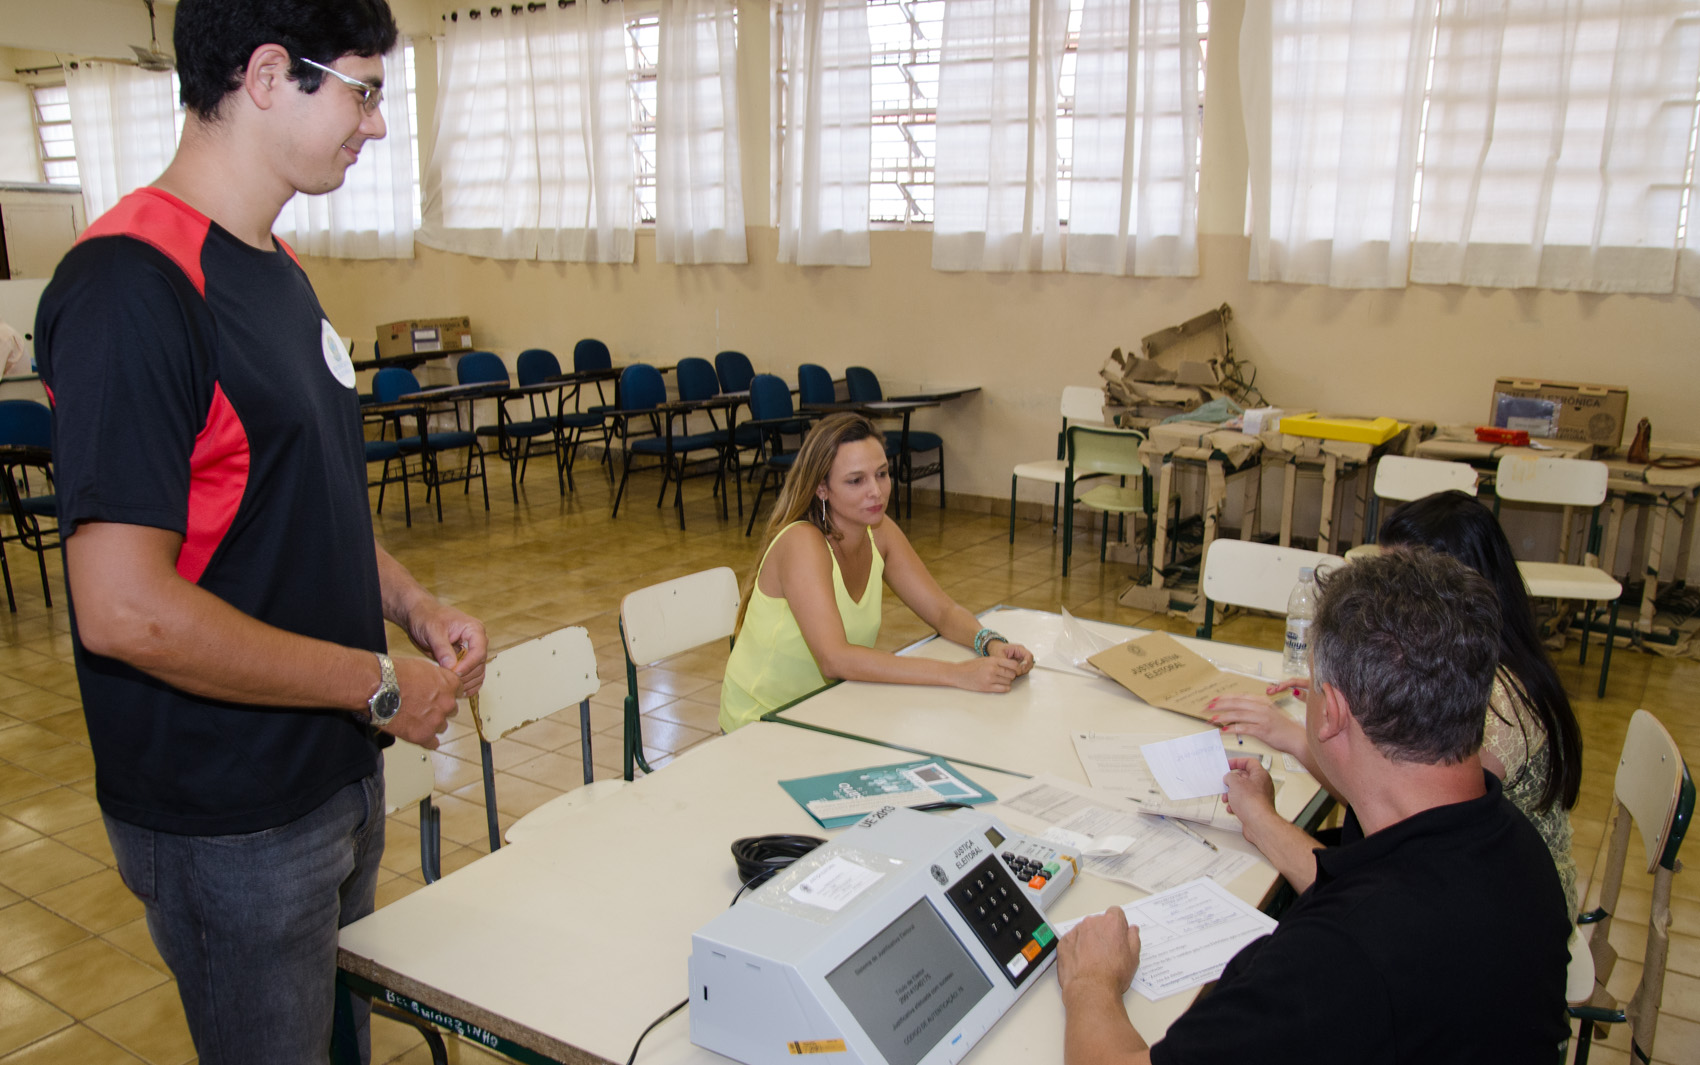 Eleitores votam na Escola Estadual Alberto Santos Dumont, em Ribeirão Preto